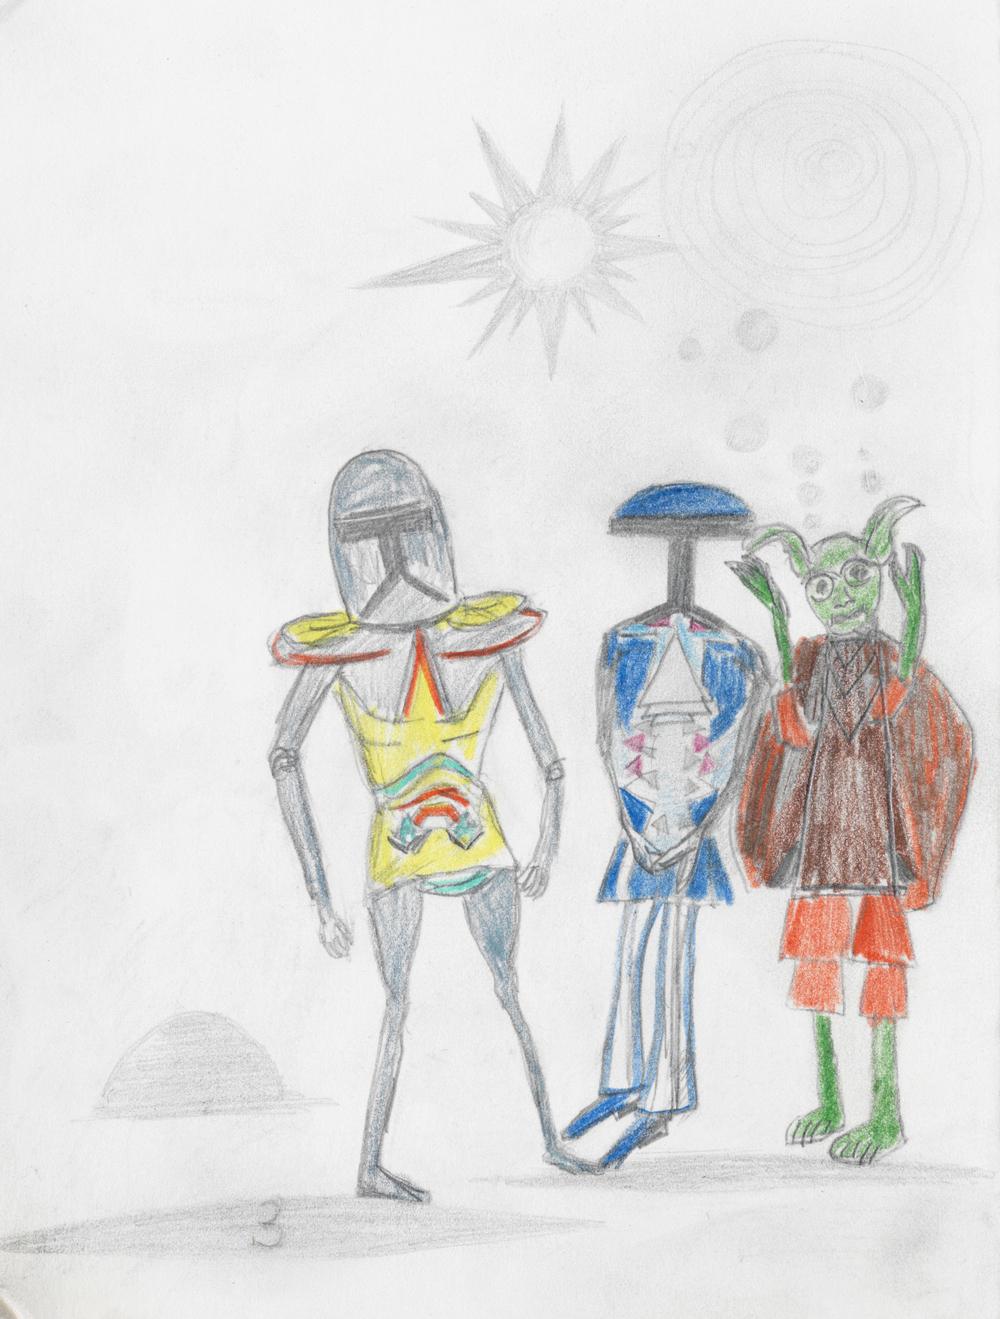 """Andy Hope 1930, """"3"""" (Ausschnitt), 1978 (15 Jahre), Bleistift und Buntstift auf Karton, 26.4 x 18.9cm. Courtesy Andy Hope 1930 und Galerie Guido W. Baudach, Berlin. Foto: Roman März."""